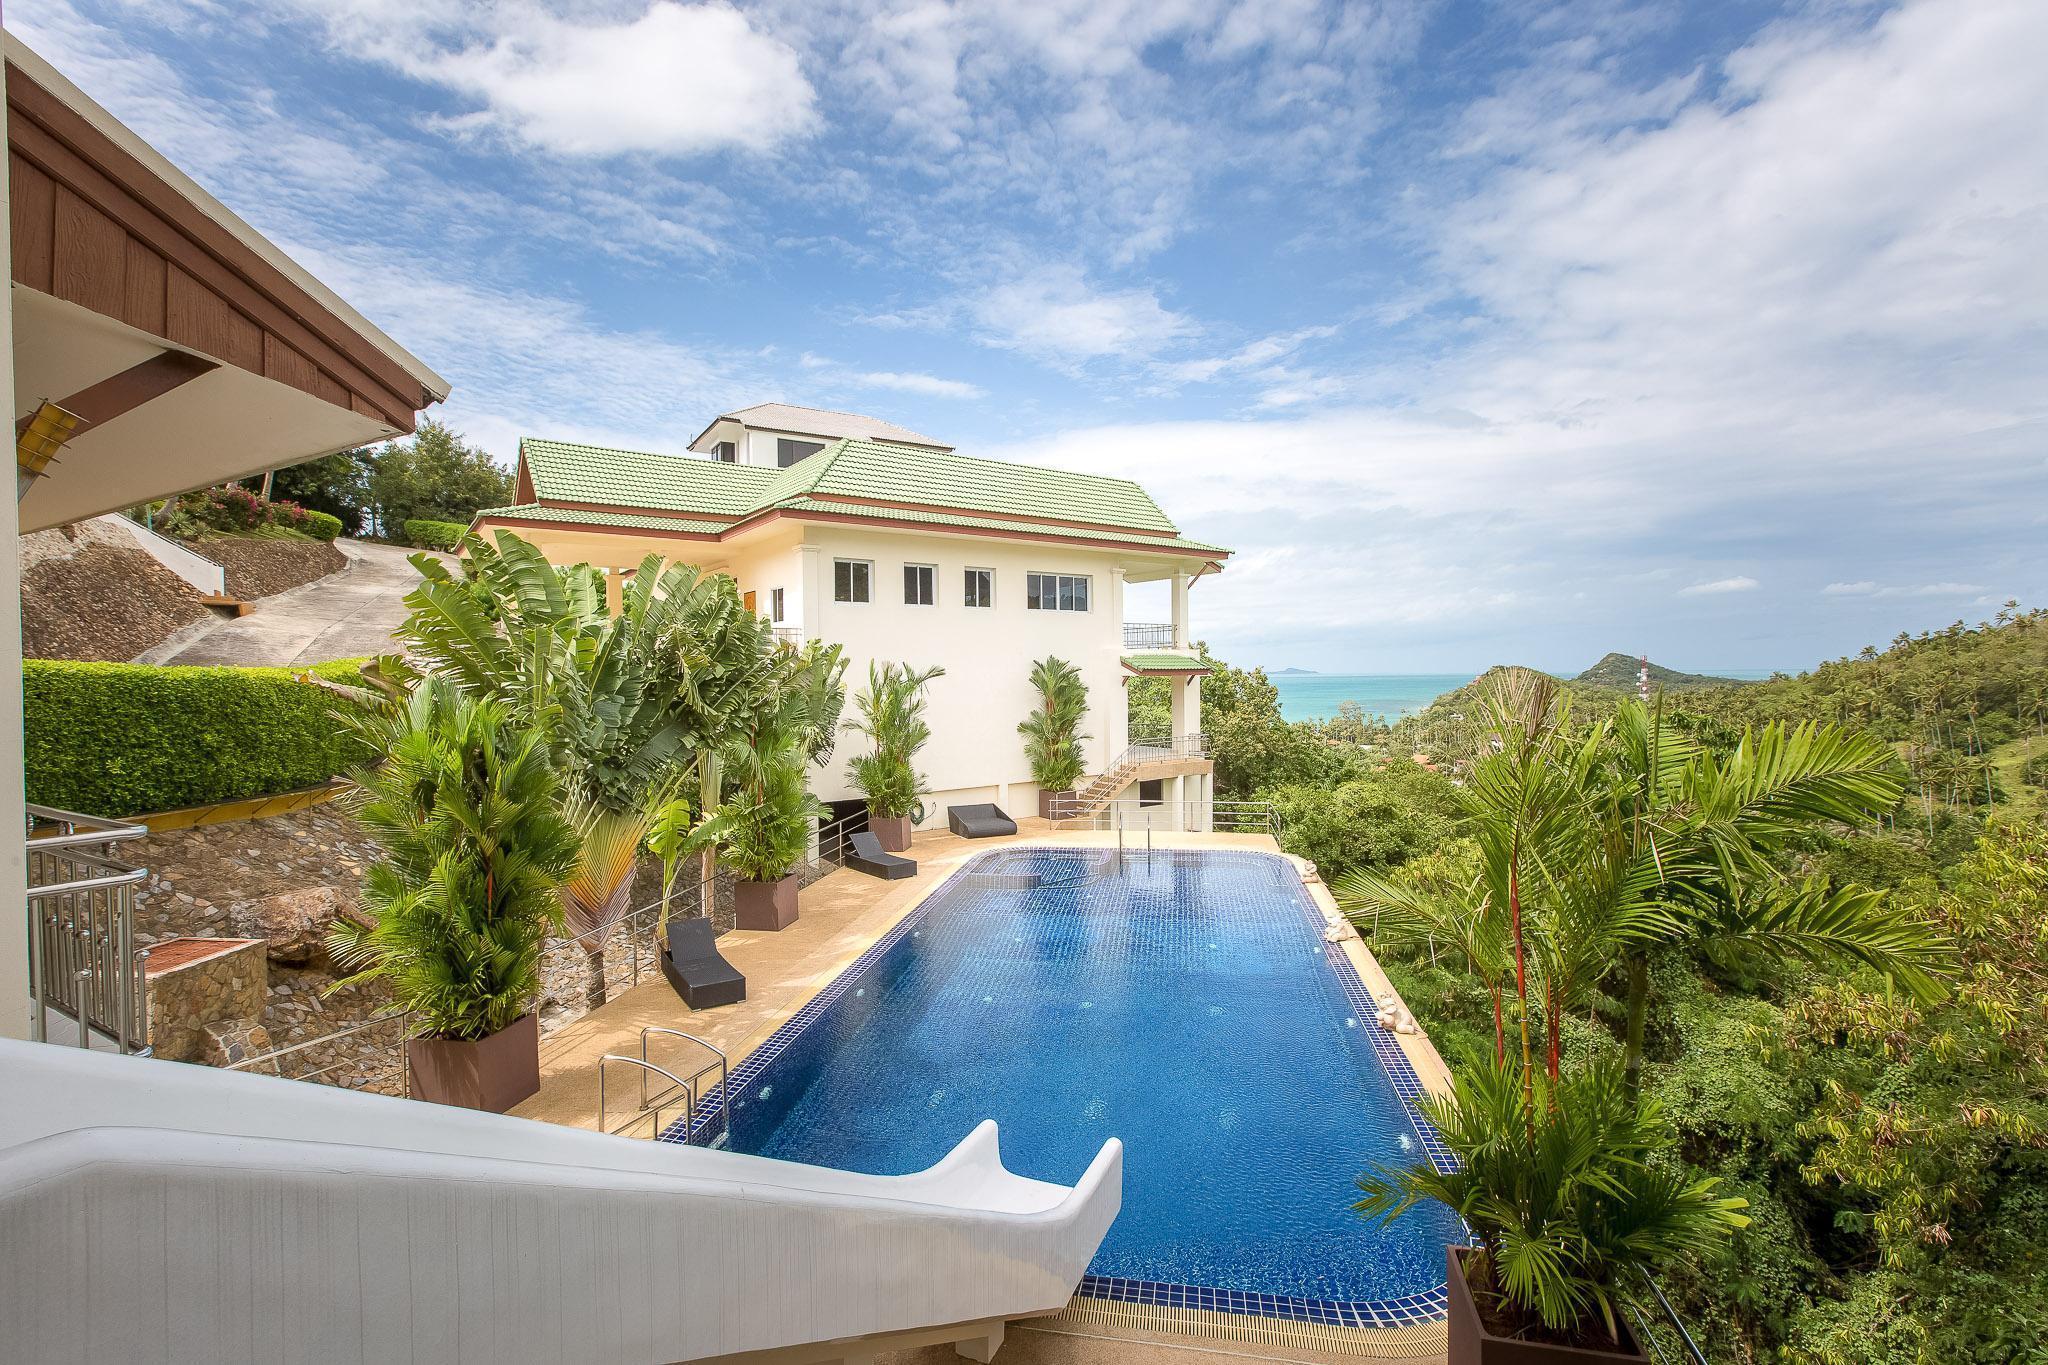 Villa Brussou-Luxury 3BR Villa with Waterslide วิลลา 3 ห้องนอน 3 ห้องน้ำส่วนตัว ขนาด 280 ตร.ม. – บางปอ